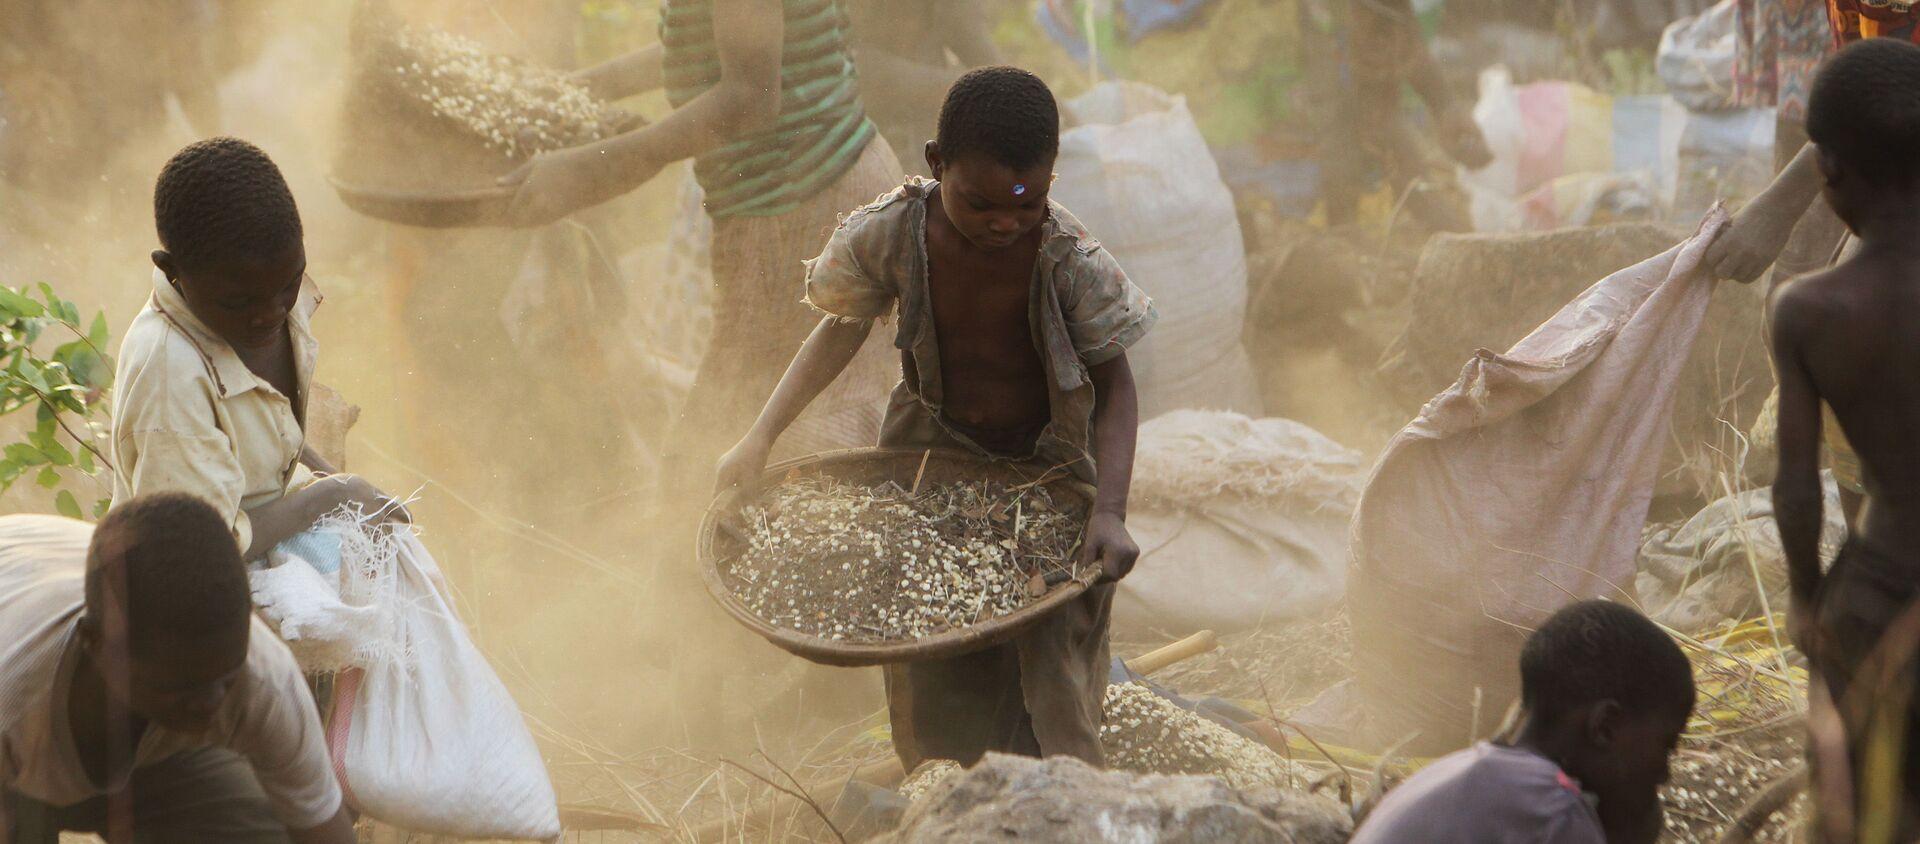 Phụ nữ và trẻ em thu hoạch ngũ cốc ở Malawi. - Sputnik Việt Nam, 1920, 14.08.2020